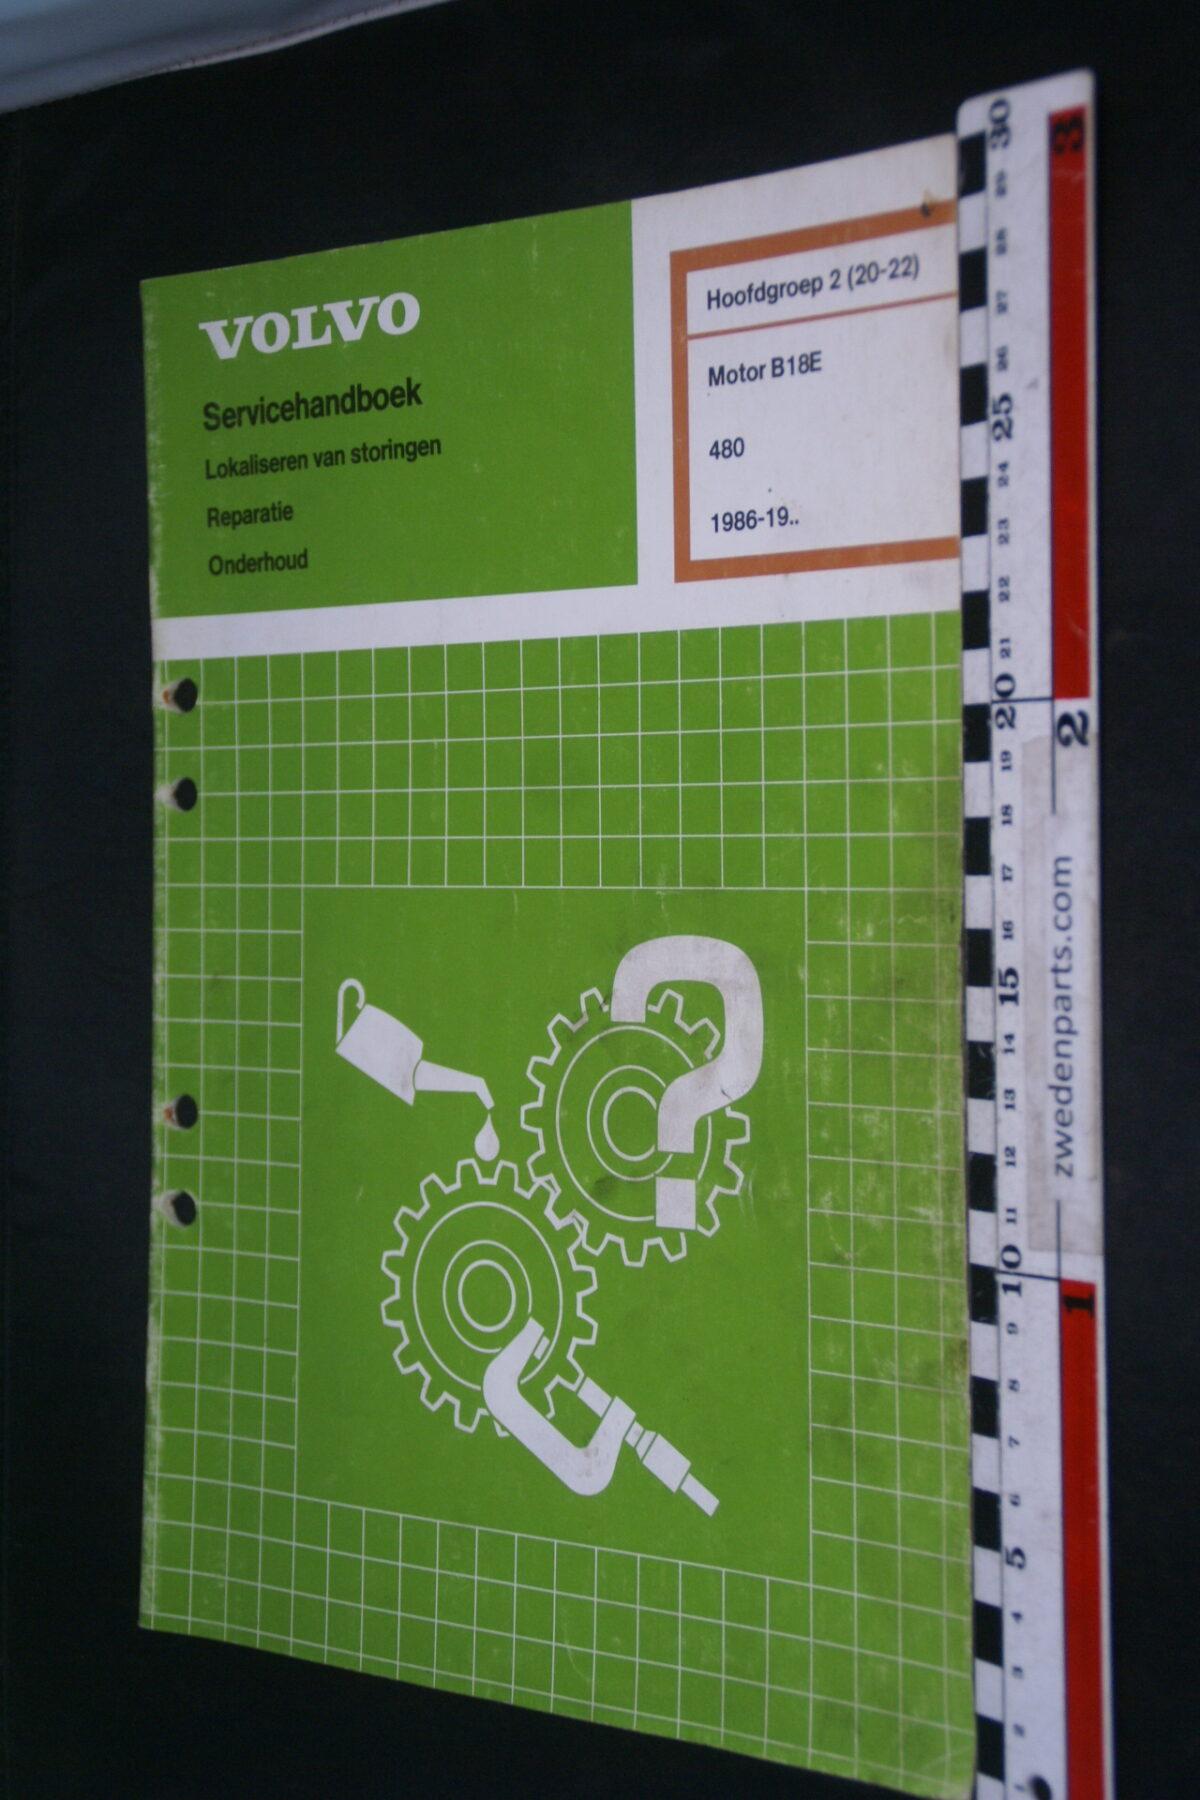 DSC09068 1992 origineel  Volvo 480 servicehandboek motor B18E 2 (20-22) 1 van 1.000 nr TP 35356-1